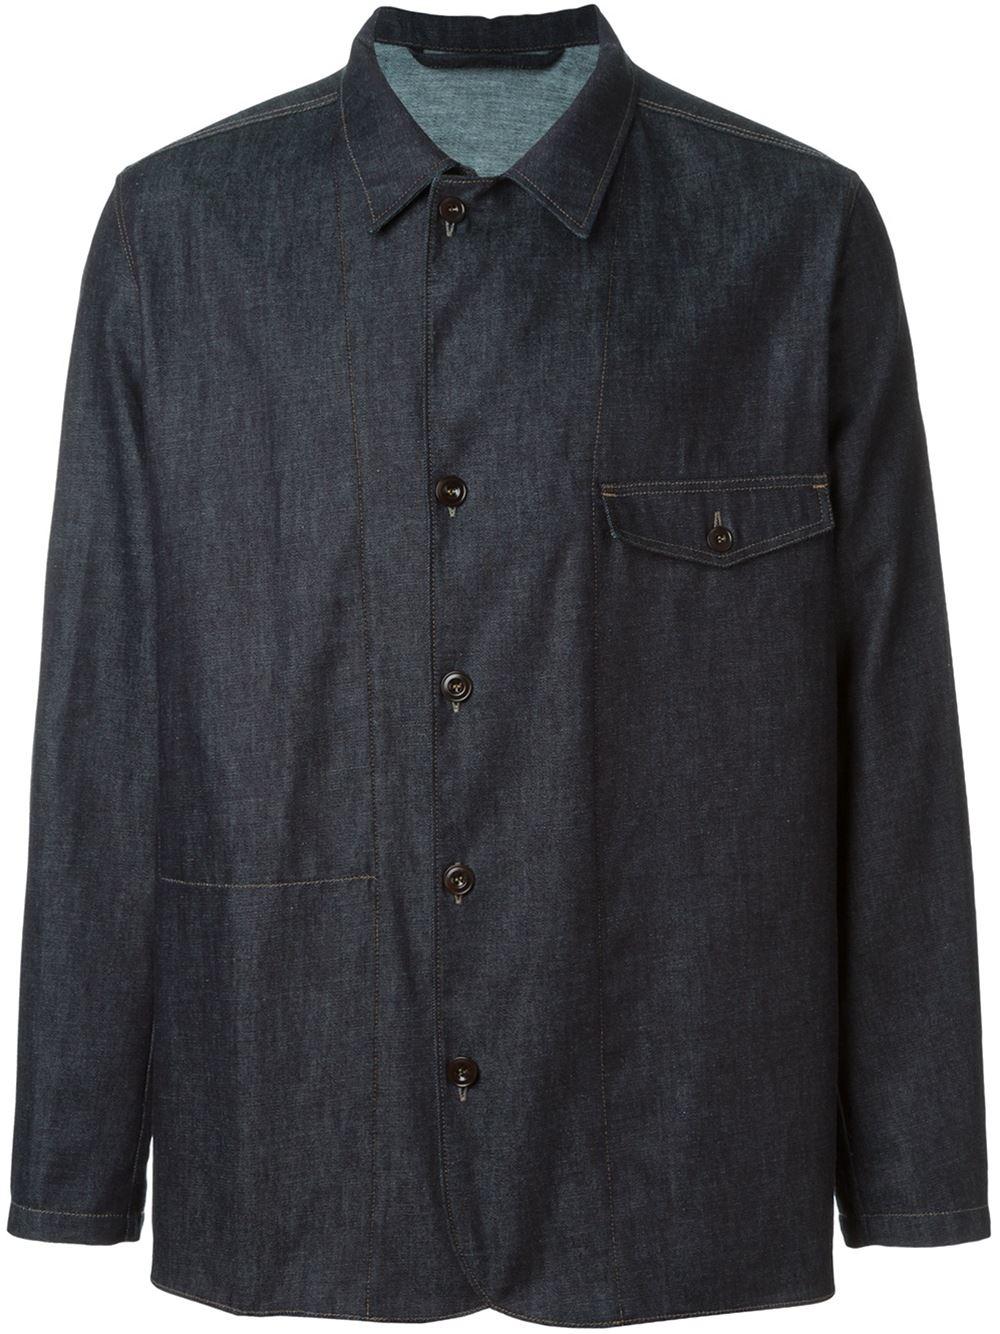 denim shirt pockets - photo #14